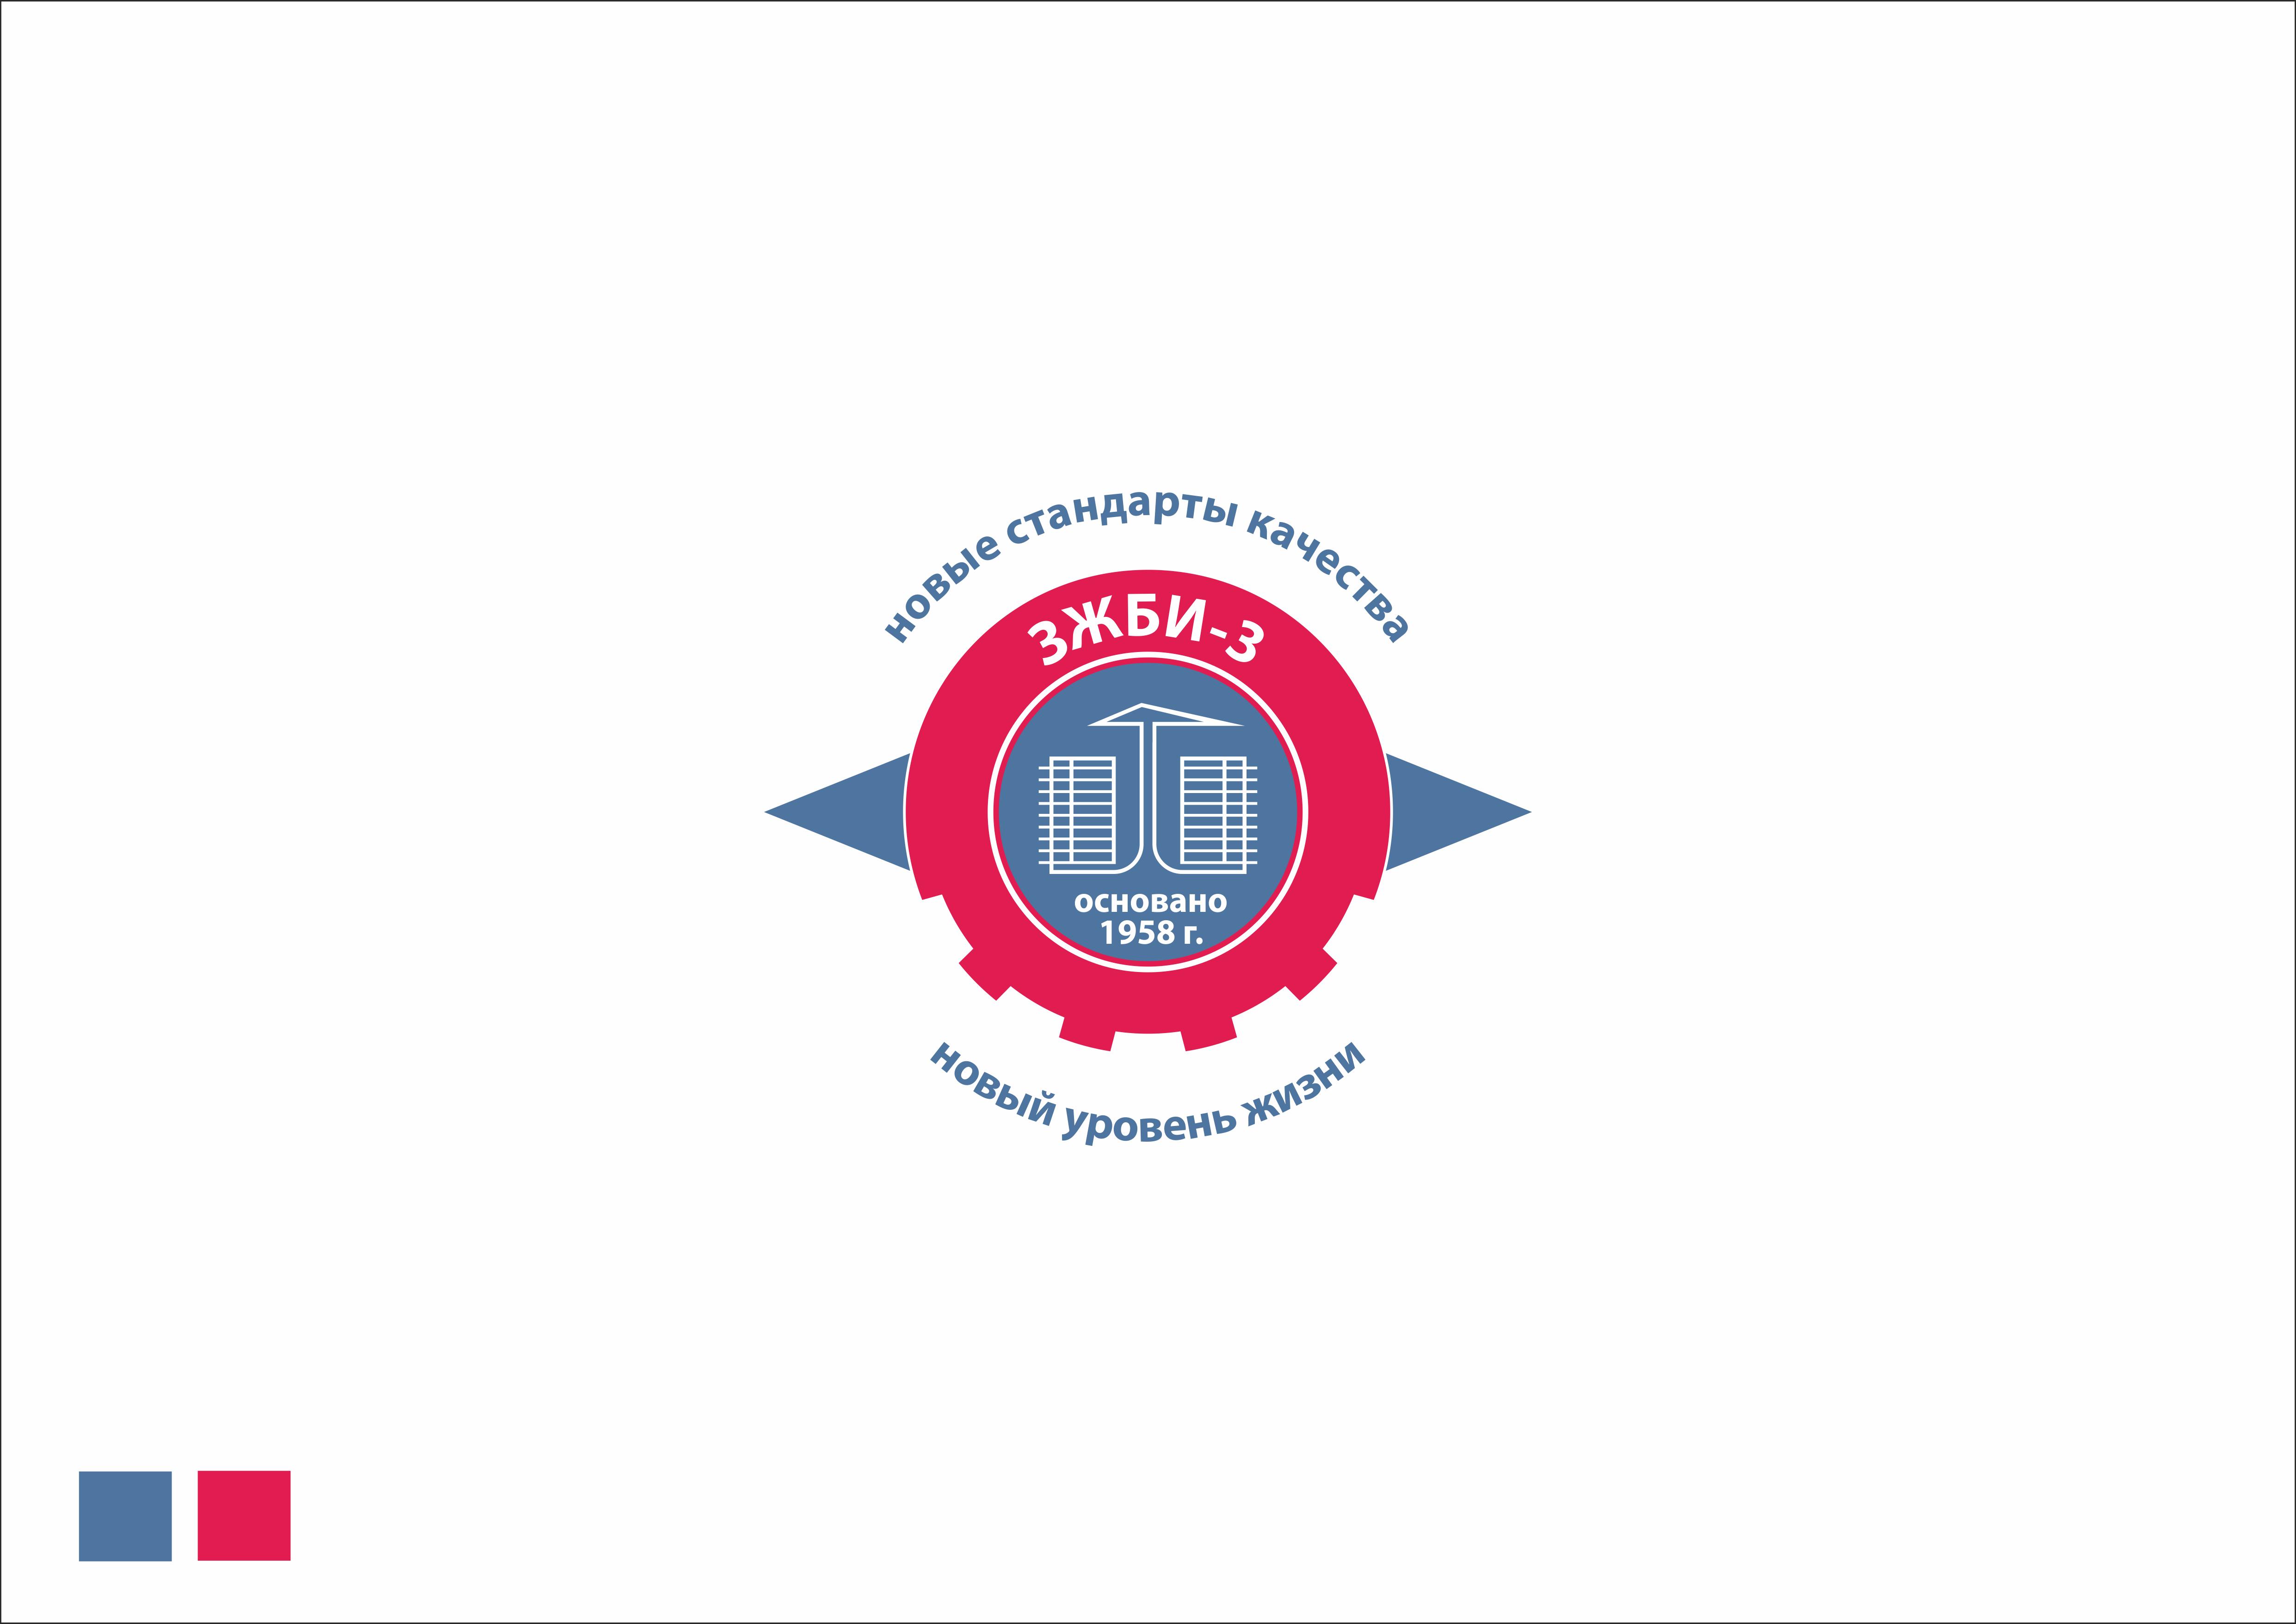 Разработка логотипа и фирменный стиль фото f_262597094487c948.png